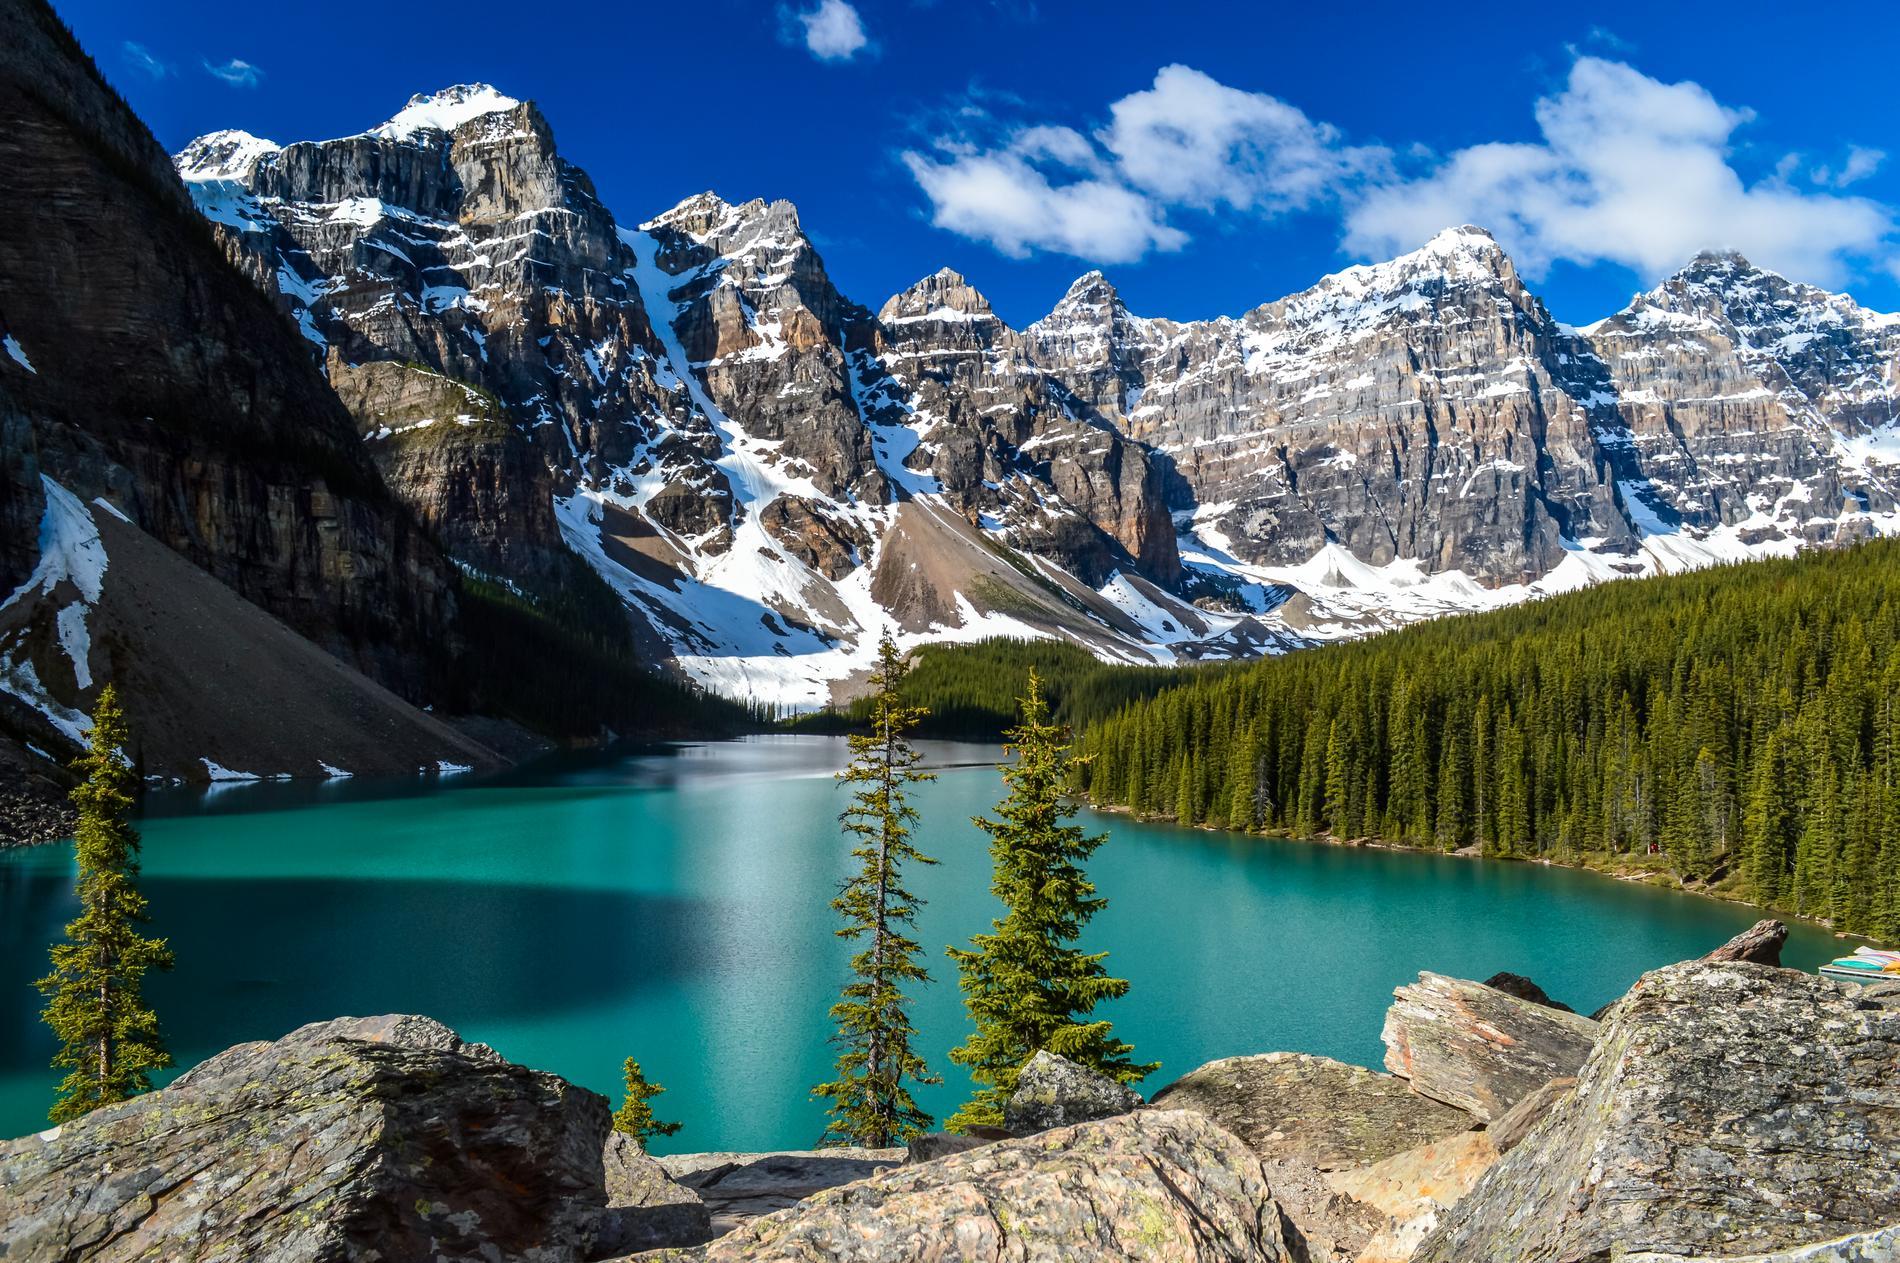 En av Kanadas mest fotograferade platser är Moraine Lake.